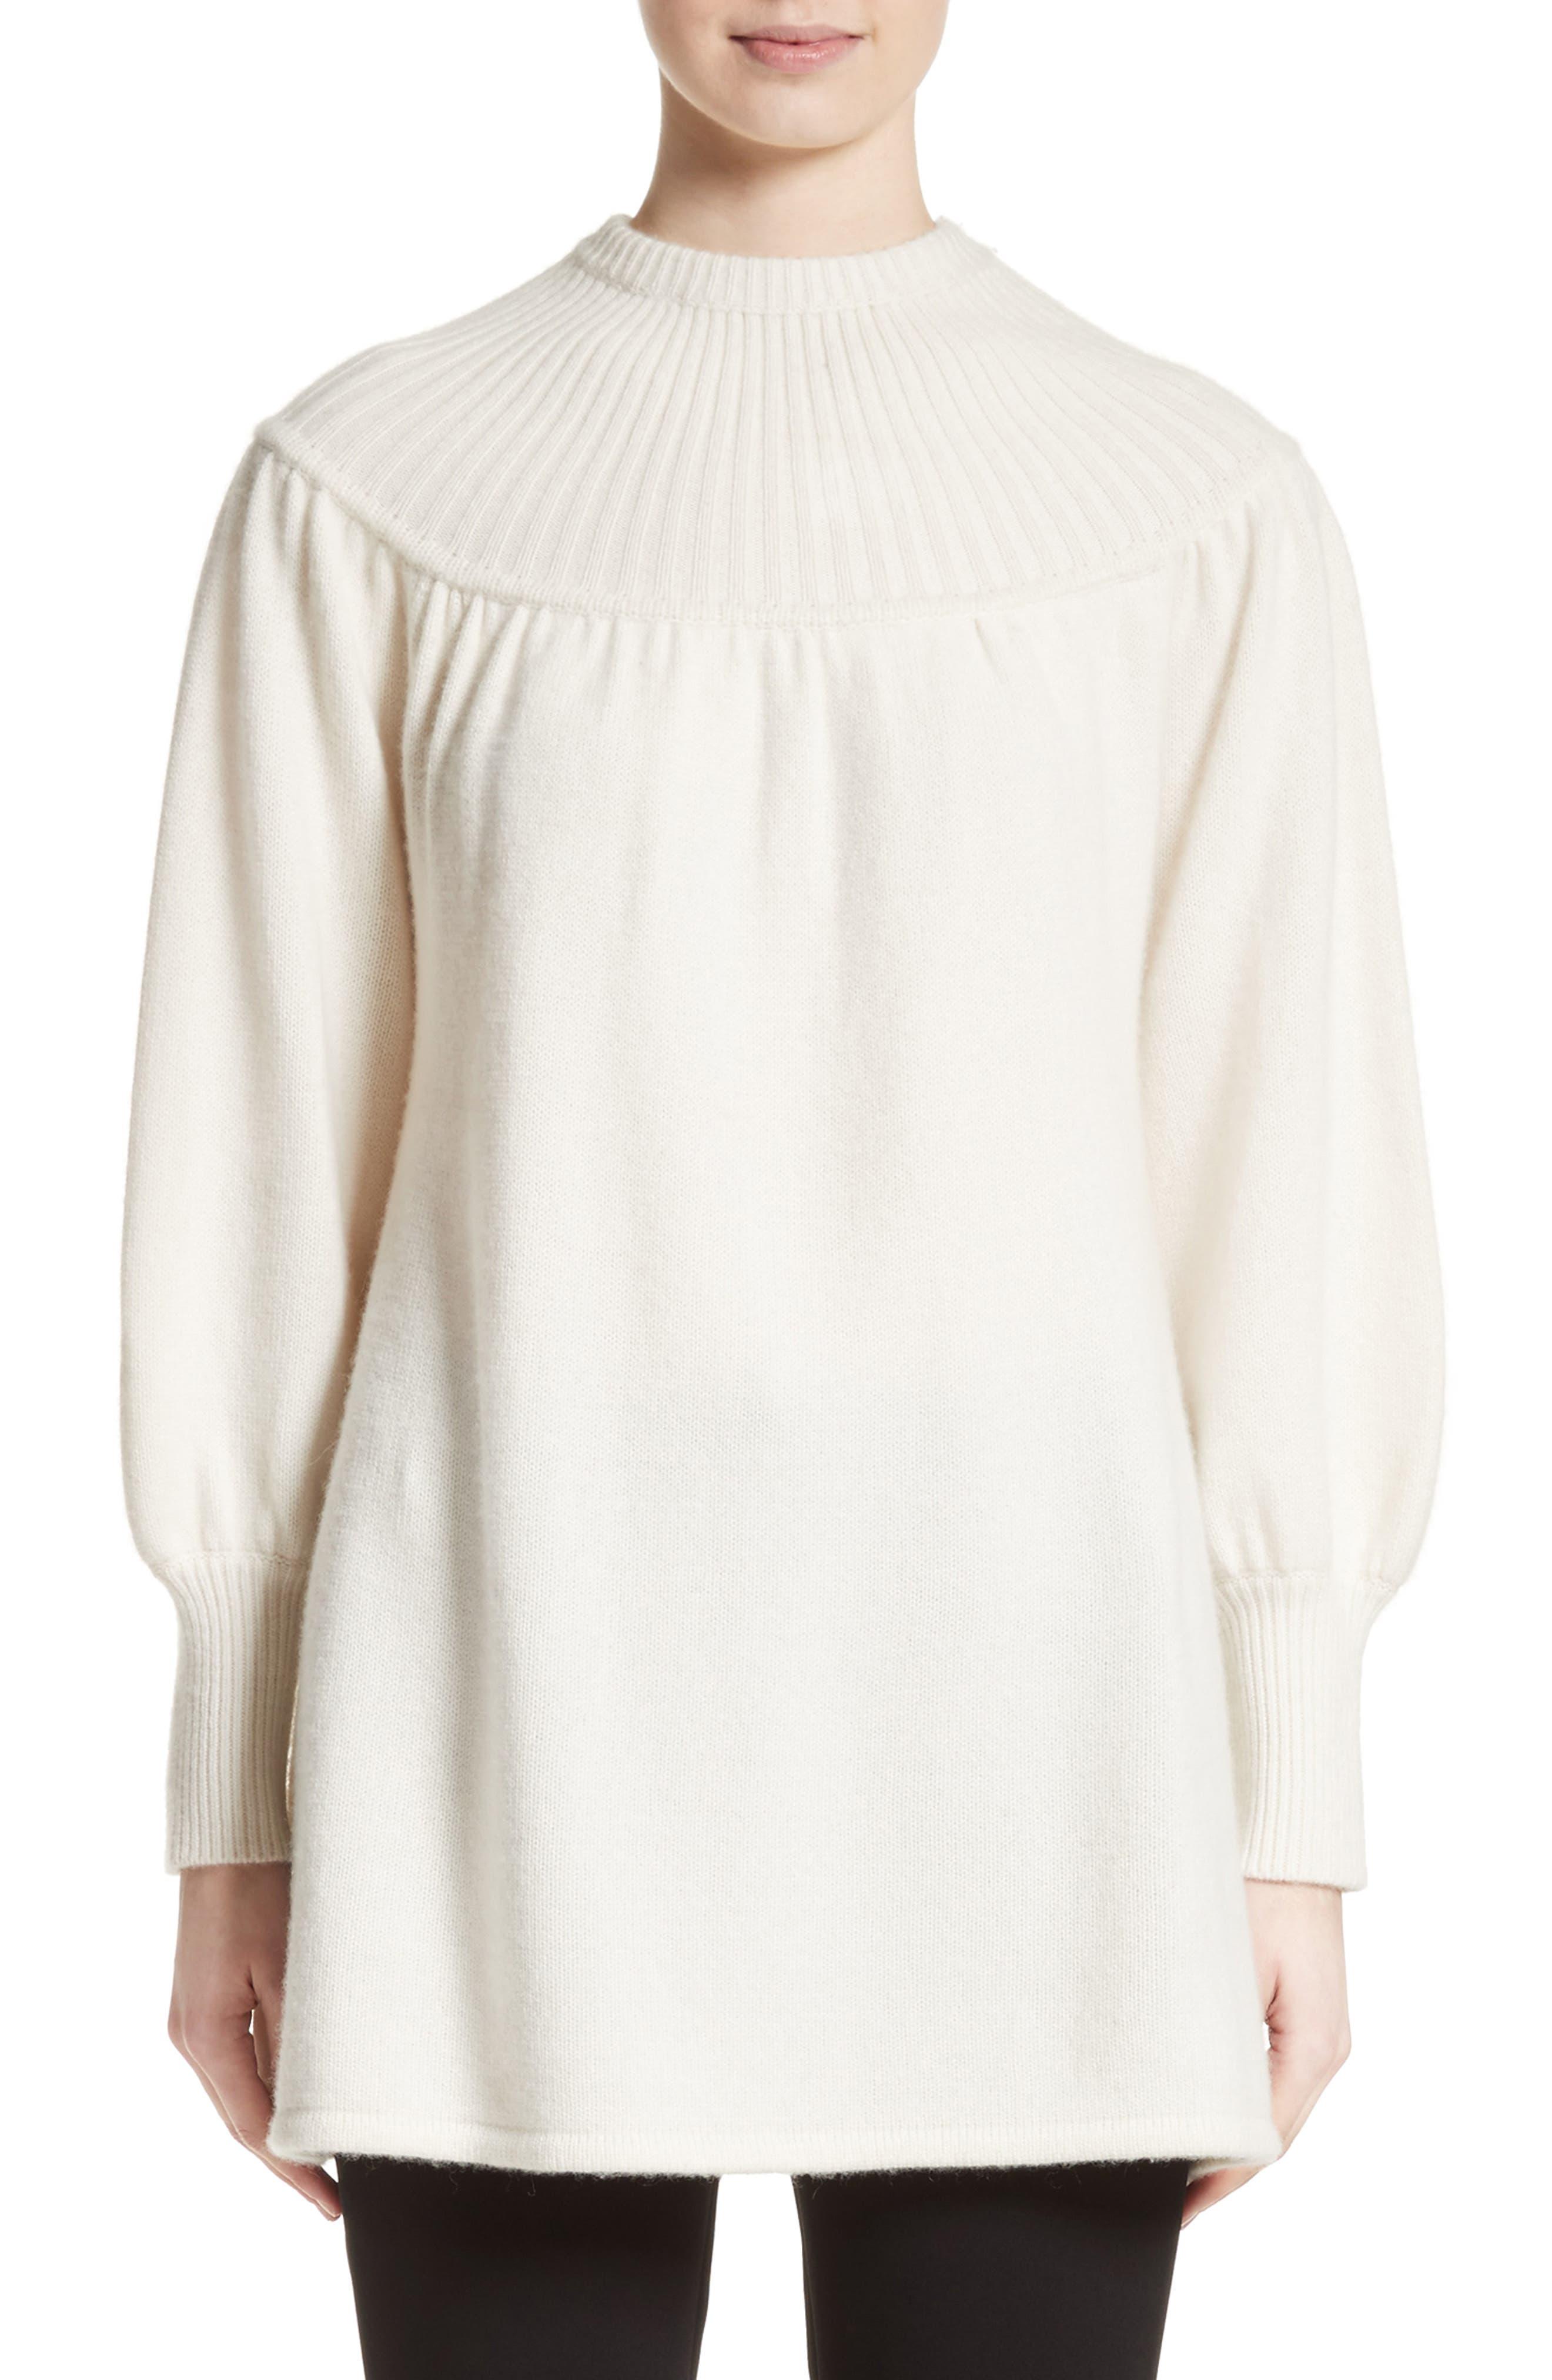 Main Image - Co Rib Knit Cashmere Tunic Sweater